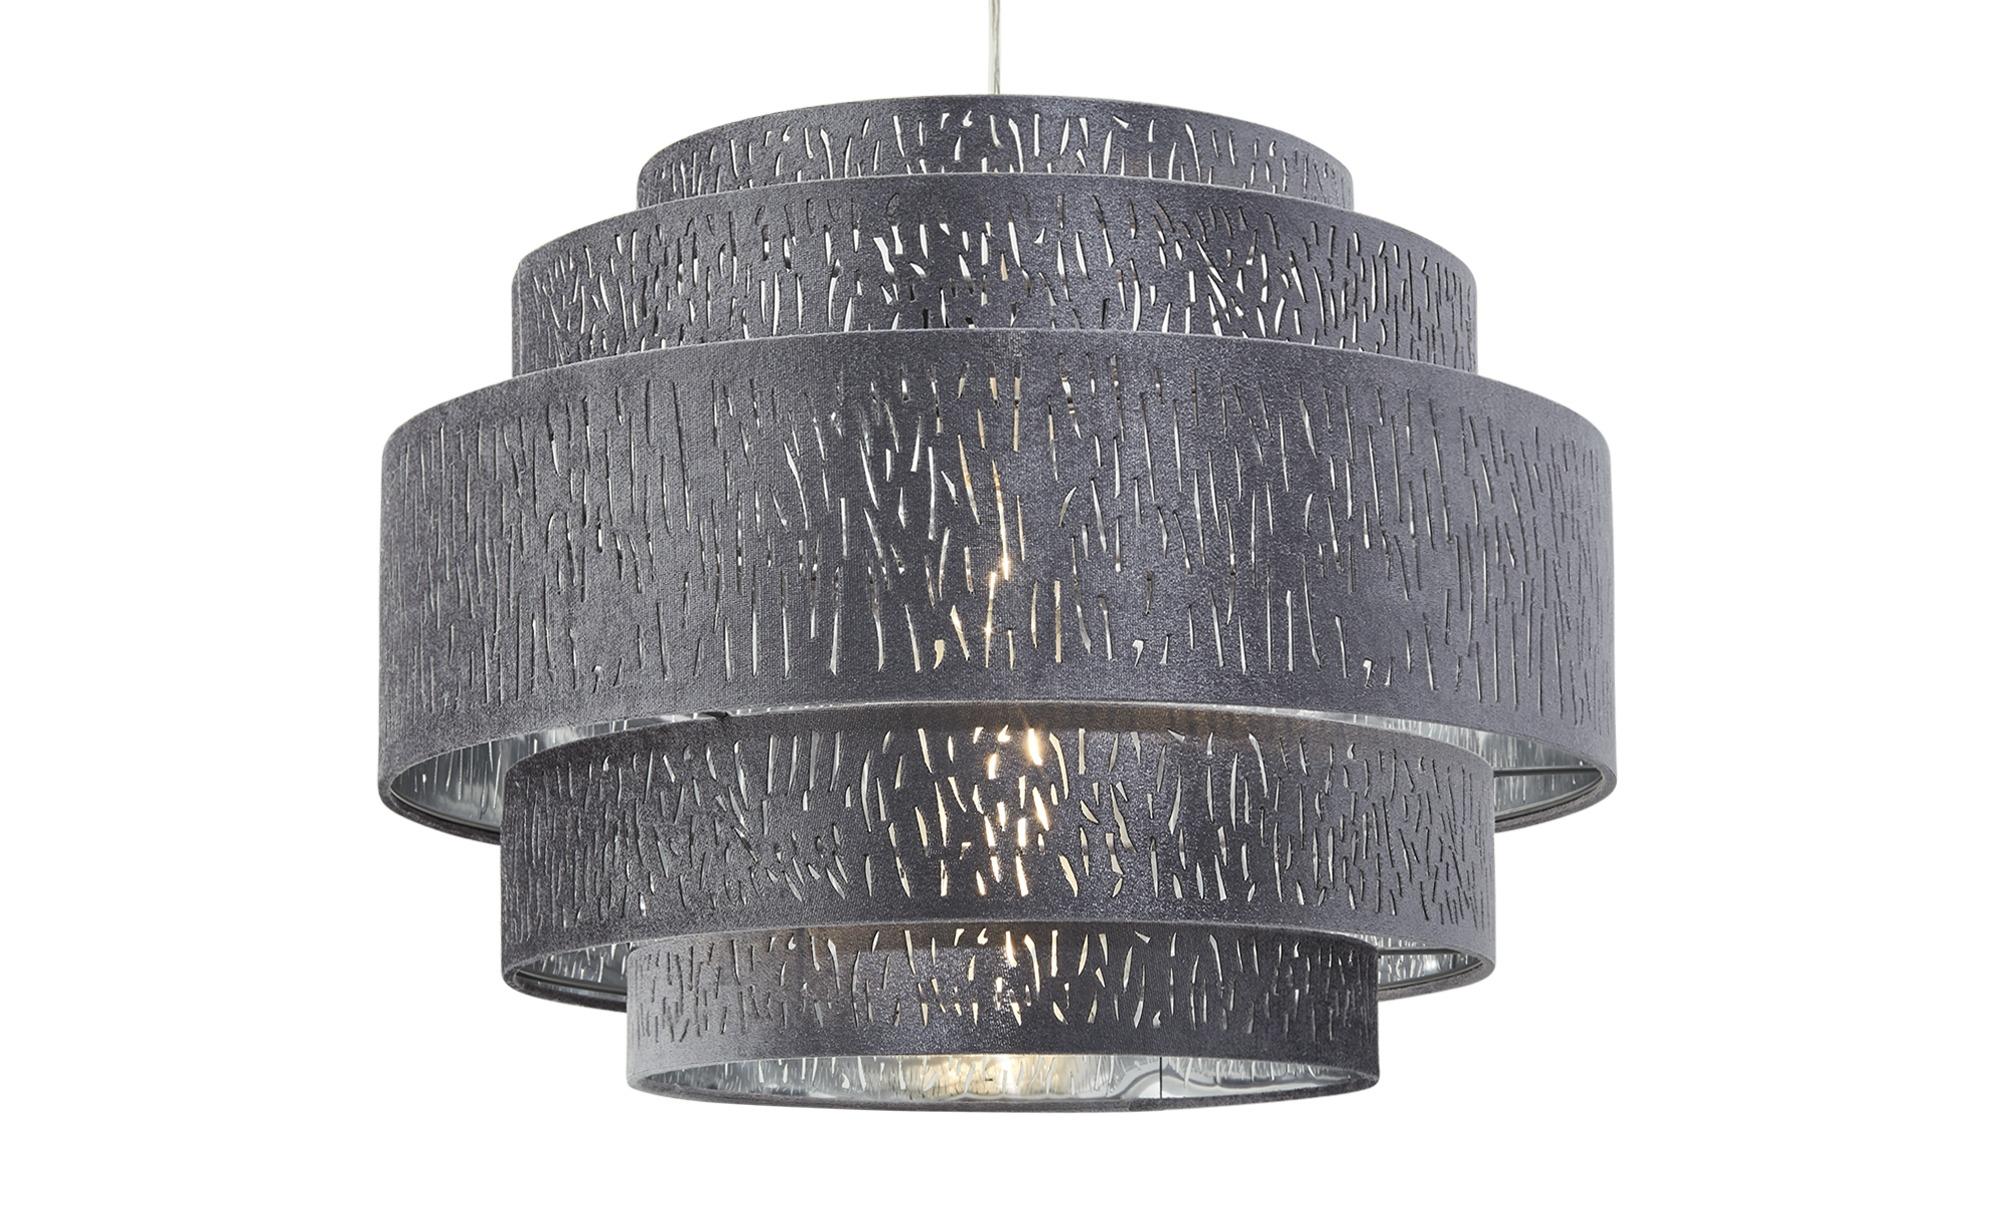 Pendelleuchte, 1-flammig, Stoffschirm grau/silber ¦ silber ¦ Maße (cm): H: 140 Ø: 50 Lampen & Leuchten > Innenleuchten > Pendelleuchten - Höffner